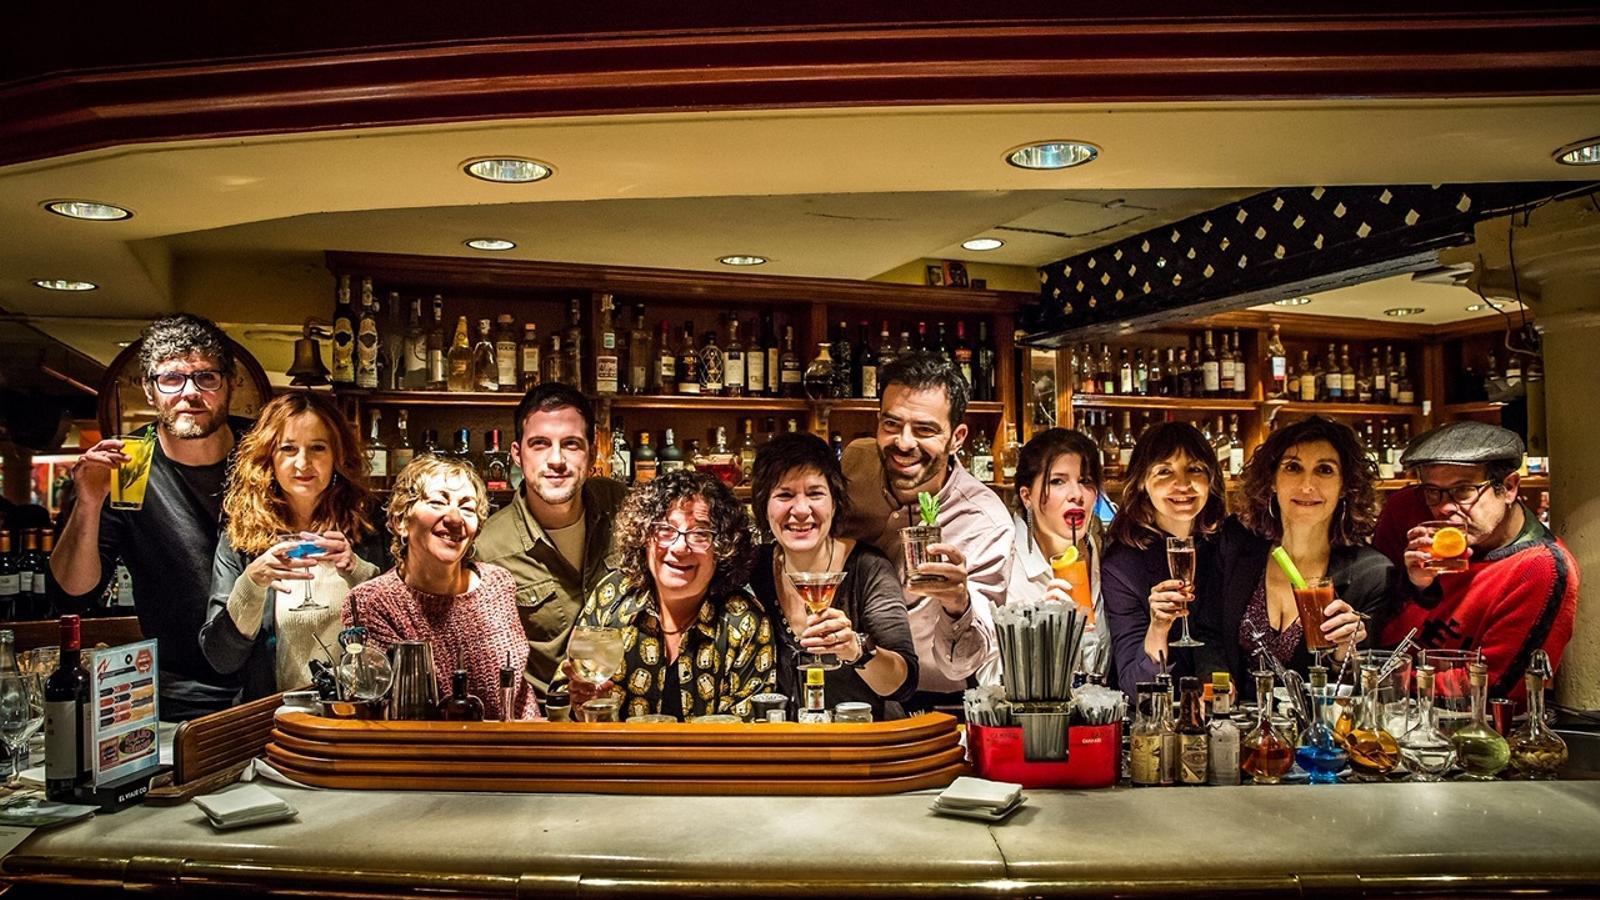 L'equip de 'T'estimo si he begut' al Campari Milano Bar de Barcelona durant la presentació de l'espectacle